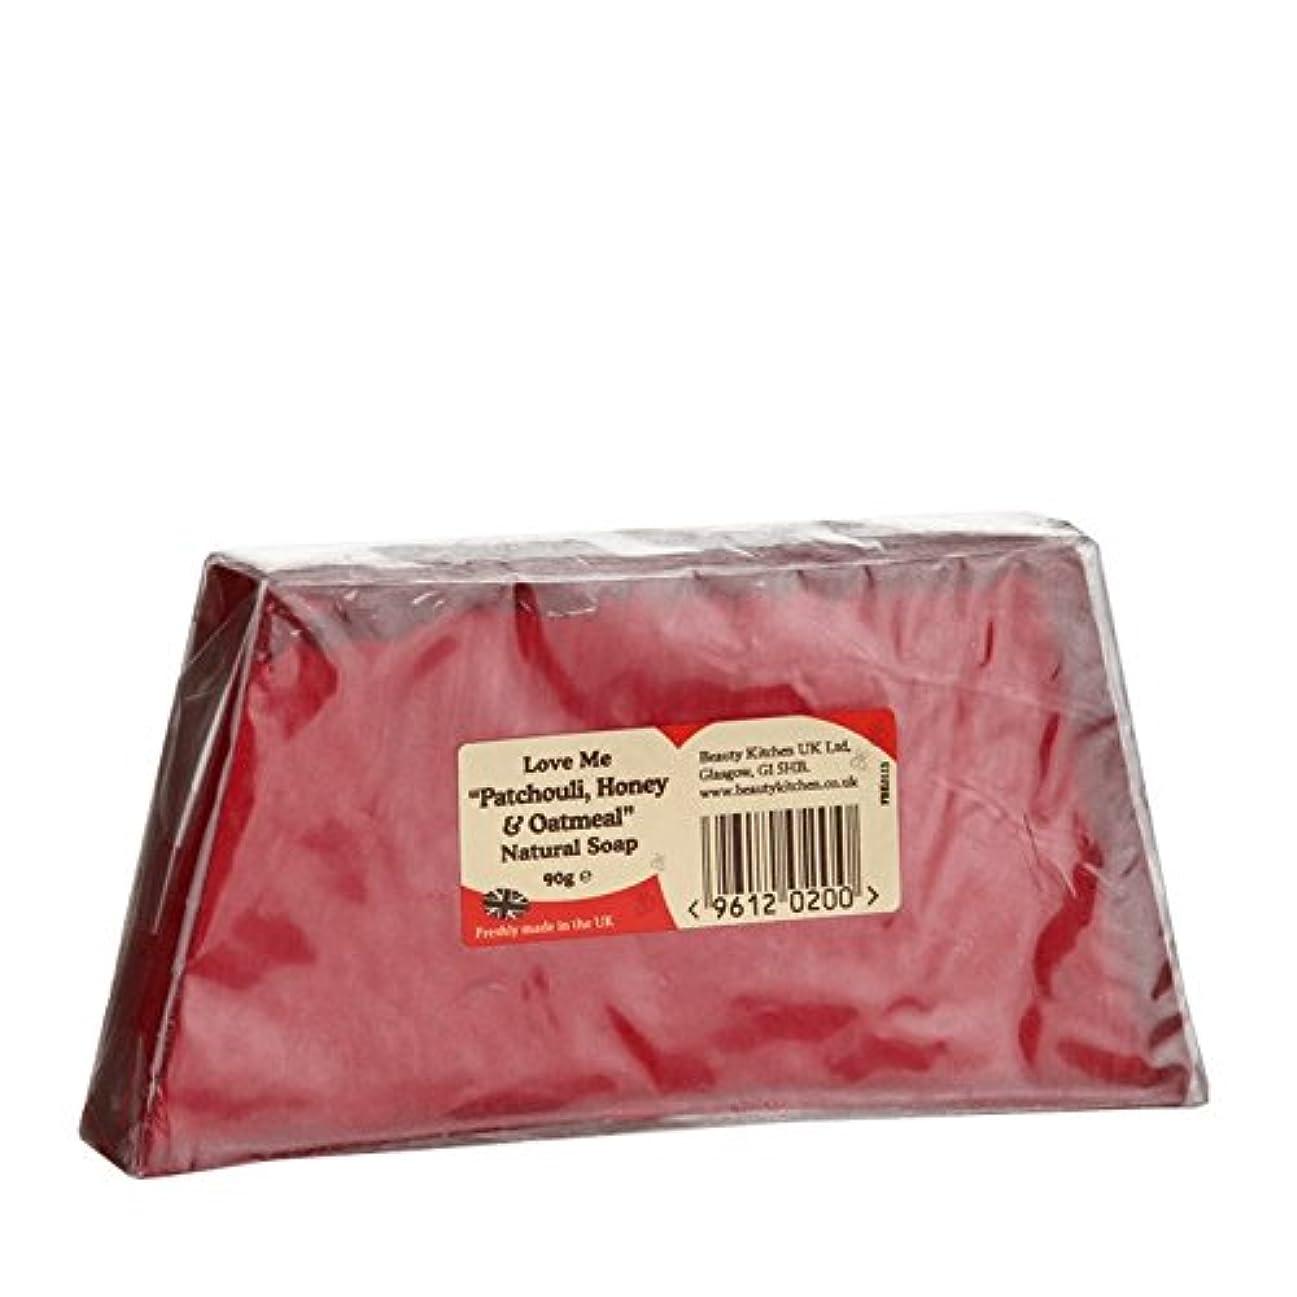 マイコンイーウェル呼吸Beauty Kitchen Love Me Patchouli, Honey & Oatmeal Natural Soap 90g (Pack of 2) - 美しさのキッチンは私にパチョリ、ハニー&オートミール、天然石鹸...